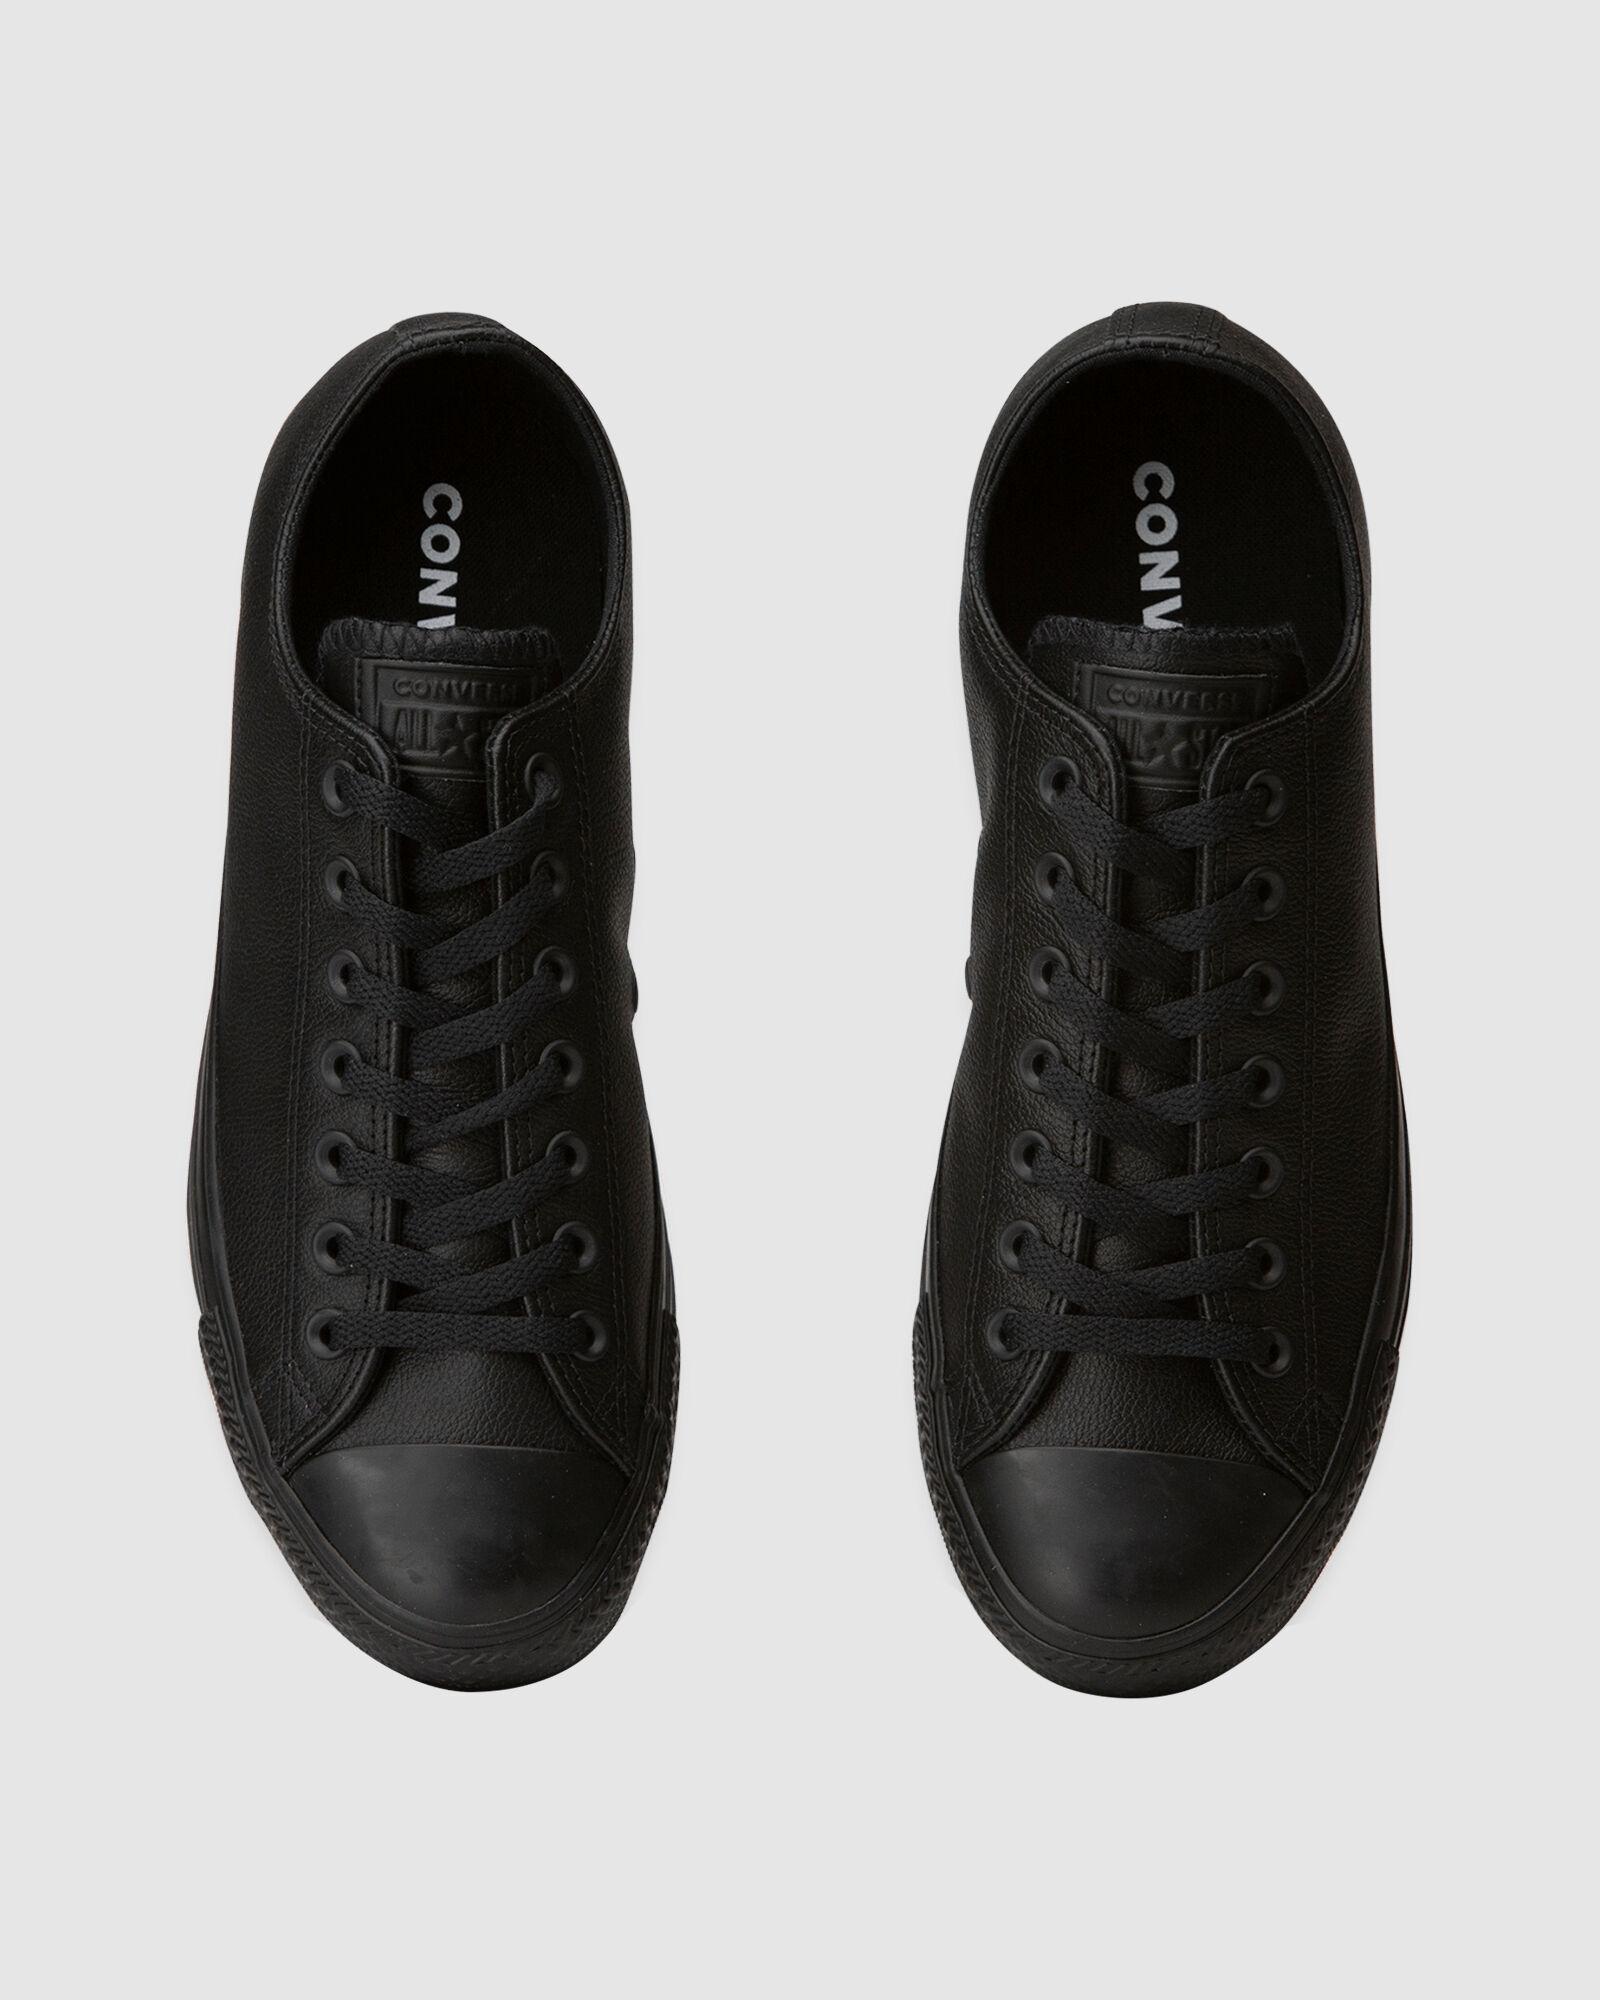 19 Best Black Converse Sneakers (Buyer's Guide) | RunRepeat